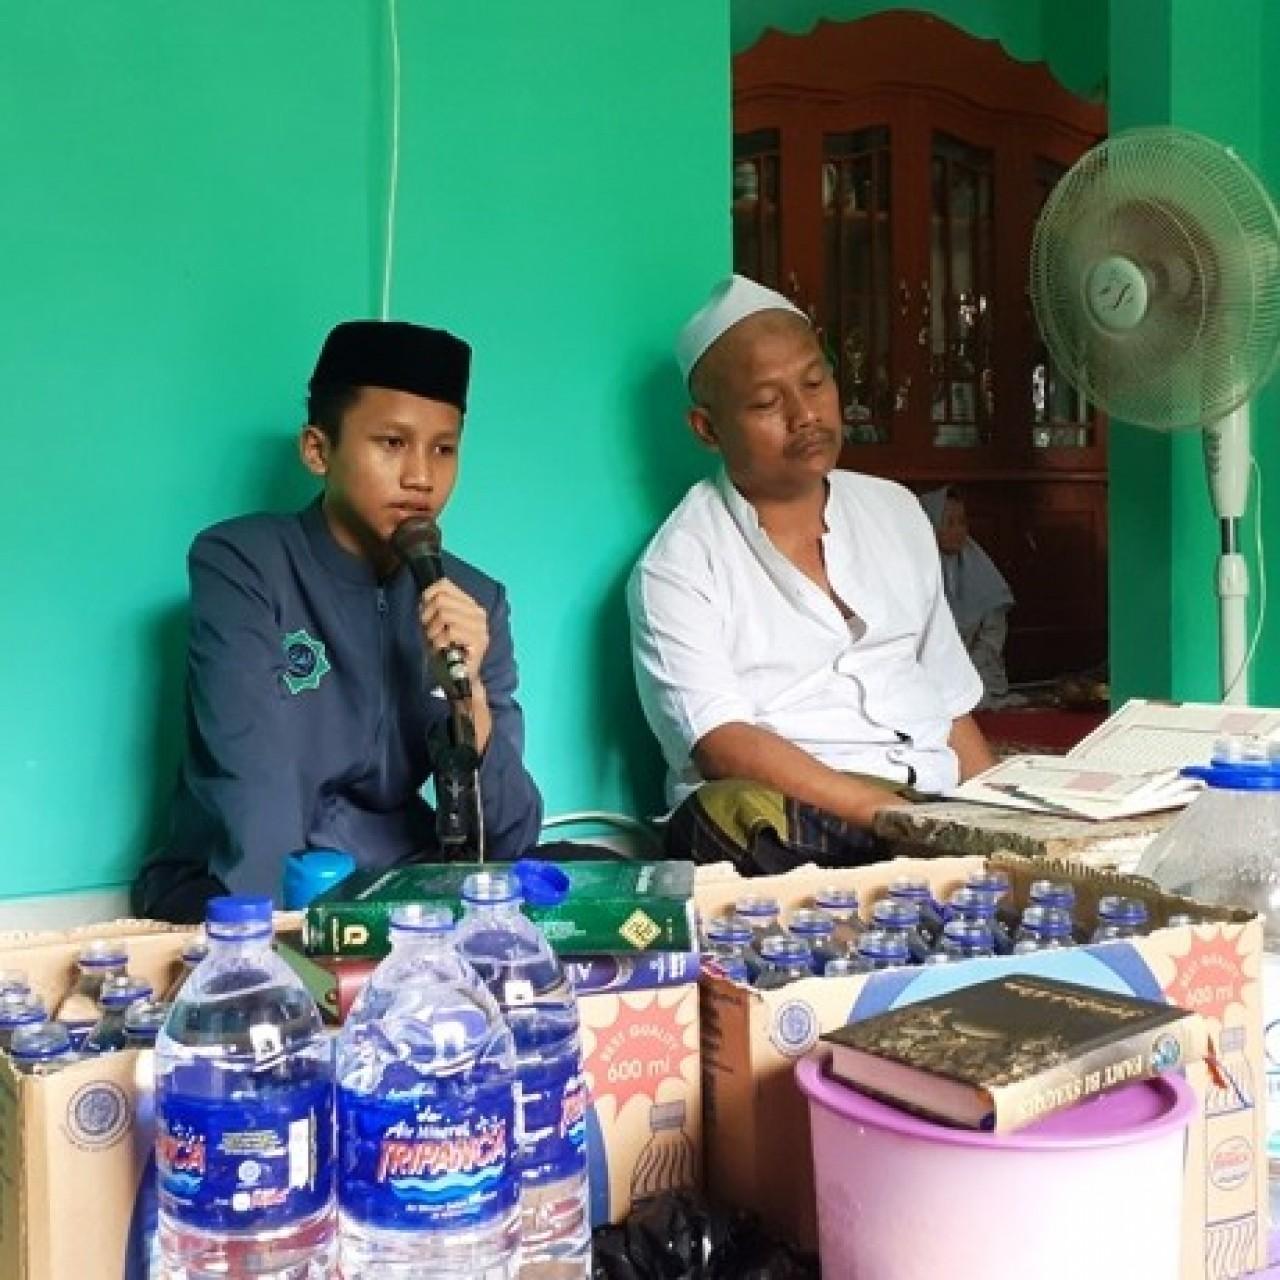 Anak Kaligrafer Lampung Jadi Hafizh Qur'an